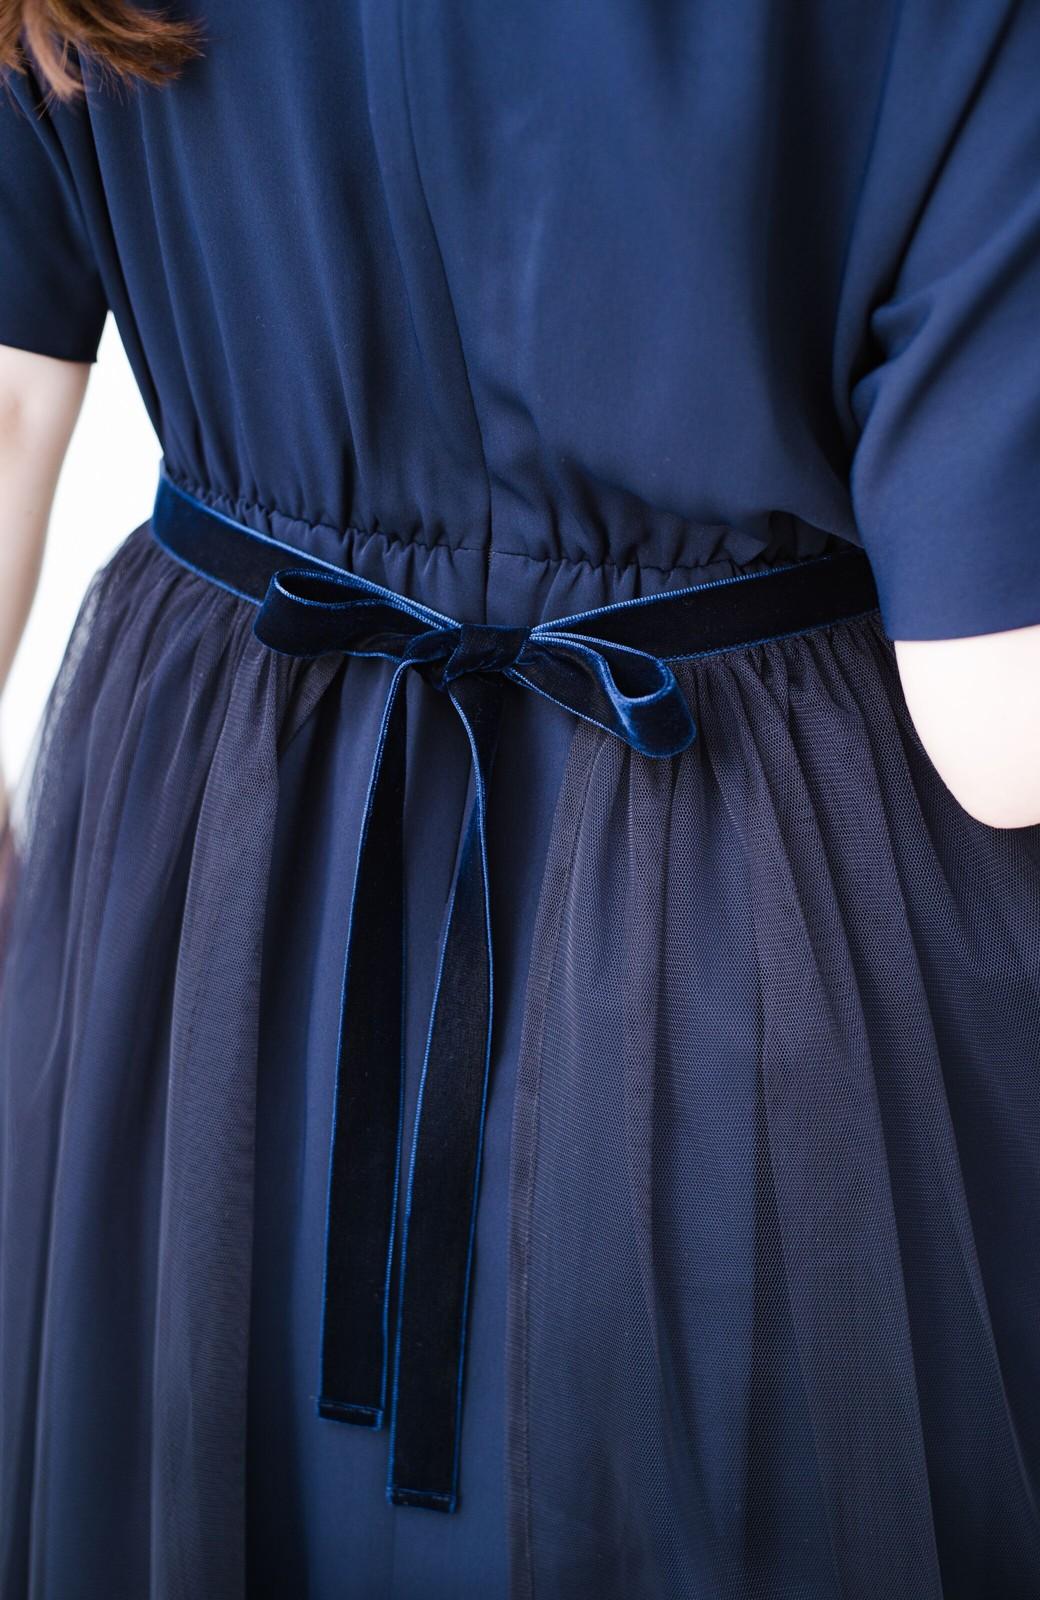 haco! 結婚式や二次会に便利!チュールと重ねて華やか見えが叶うフォーマルワンピースと重ねスカートセット <ネイビー>の商品写真15